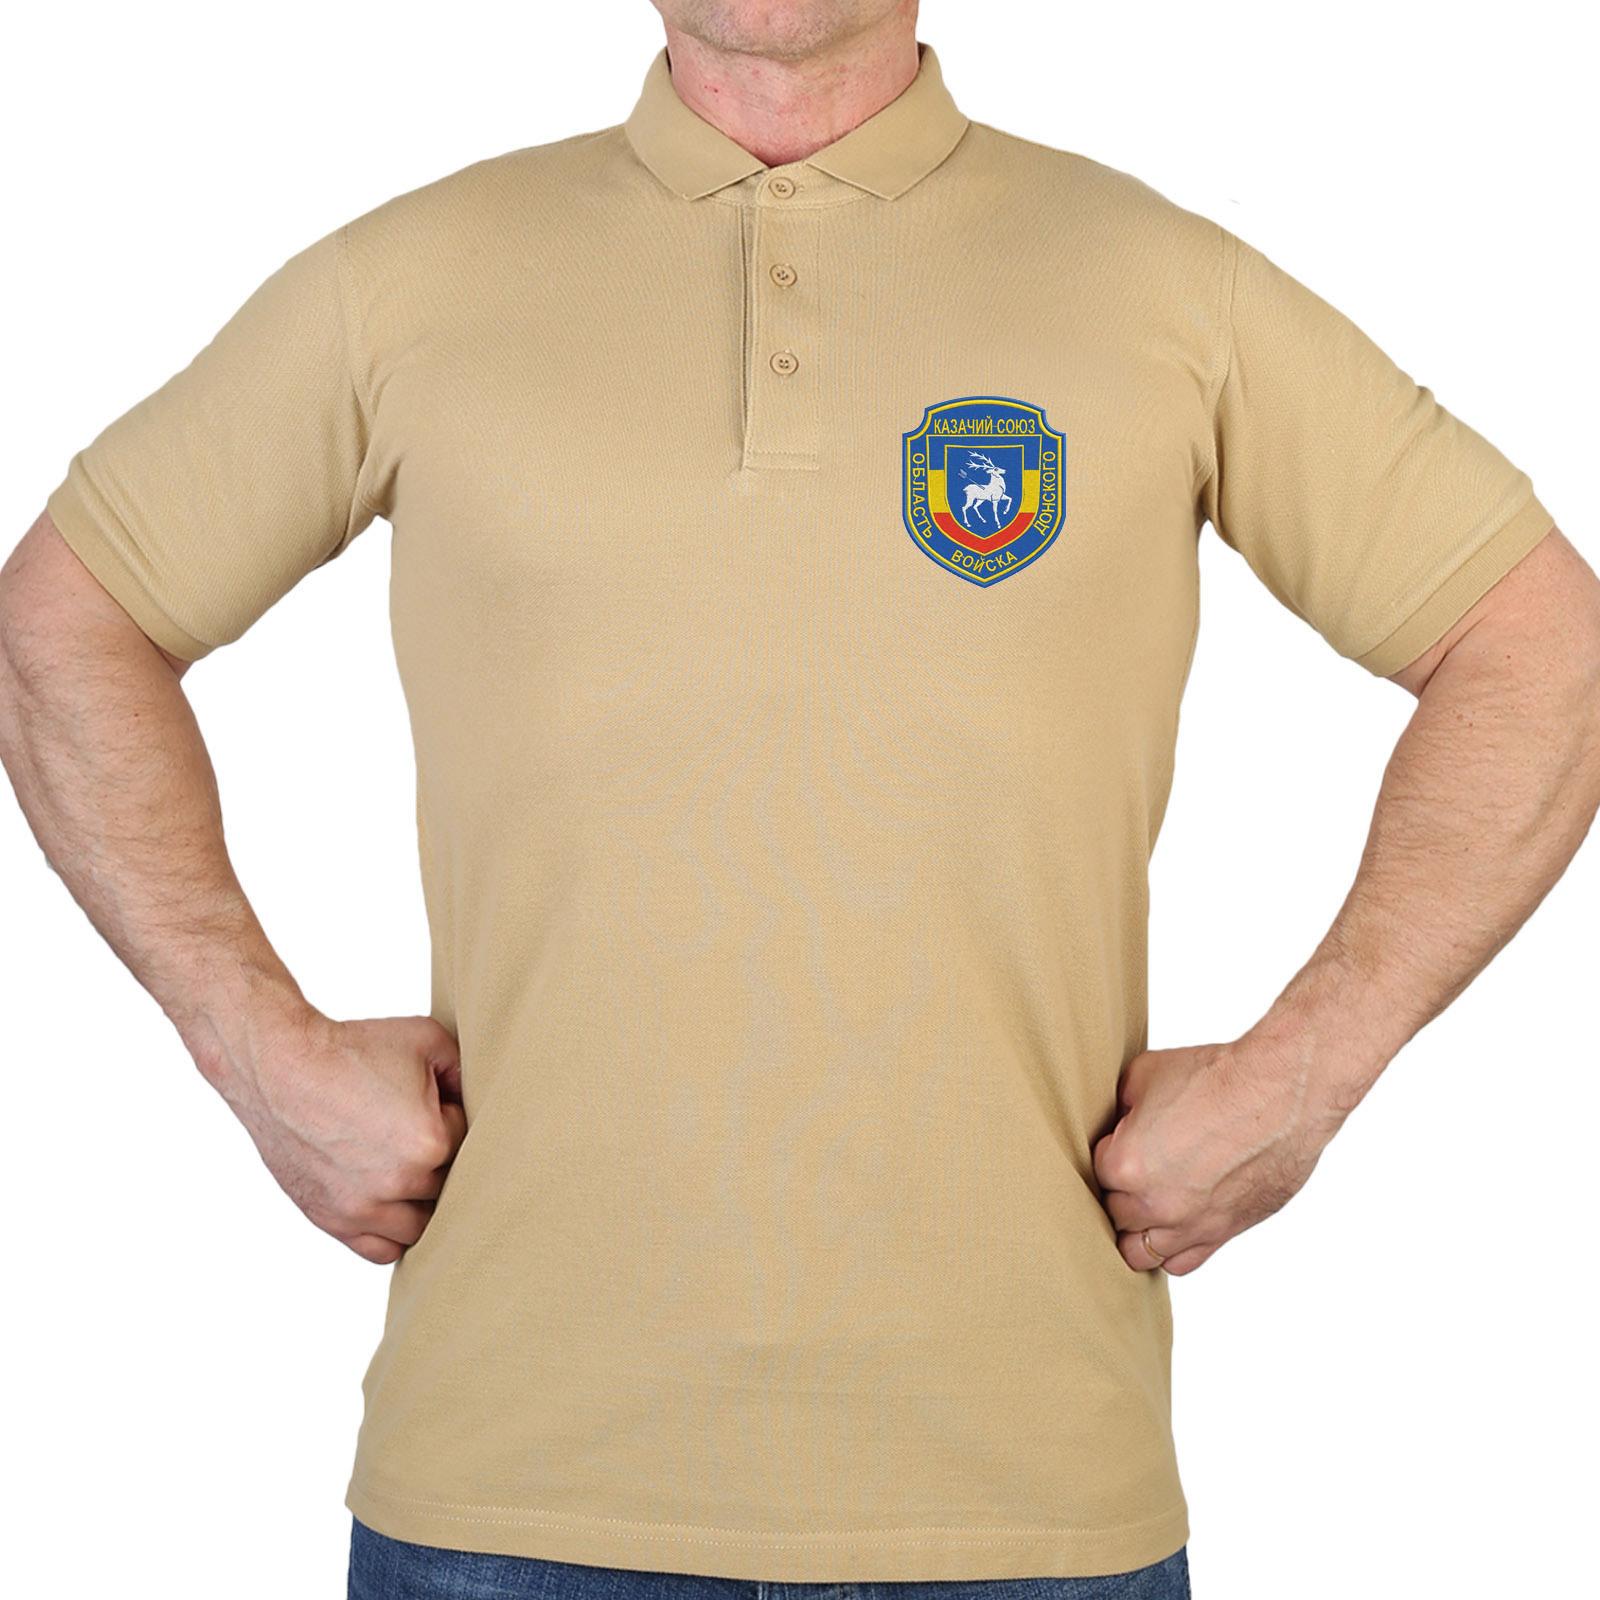 Трикотажная мужская футболка-поло с вышивкой Казачий союз